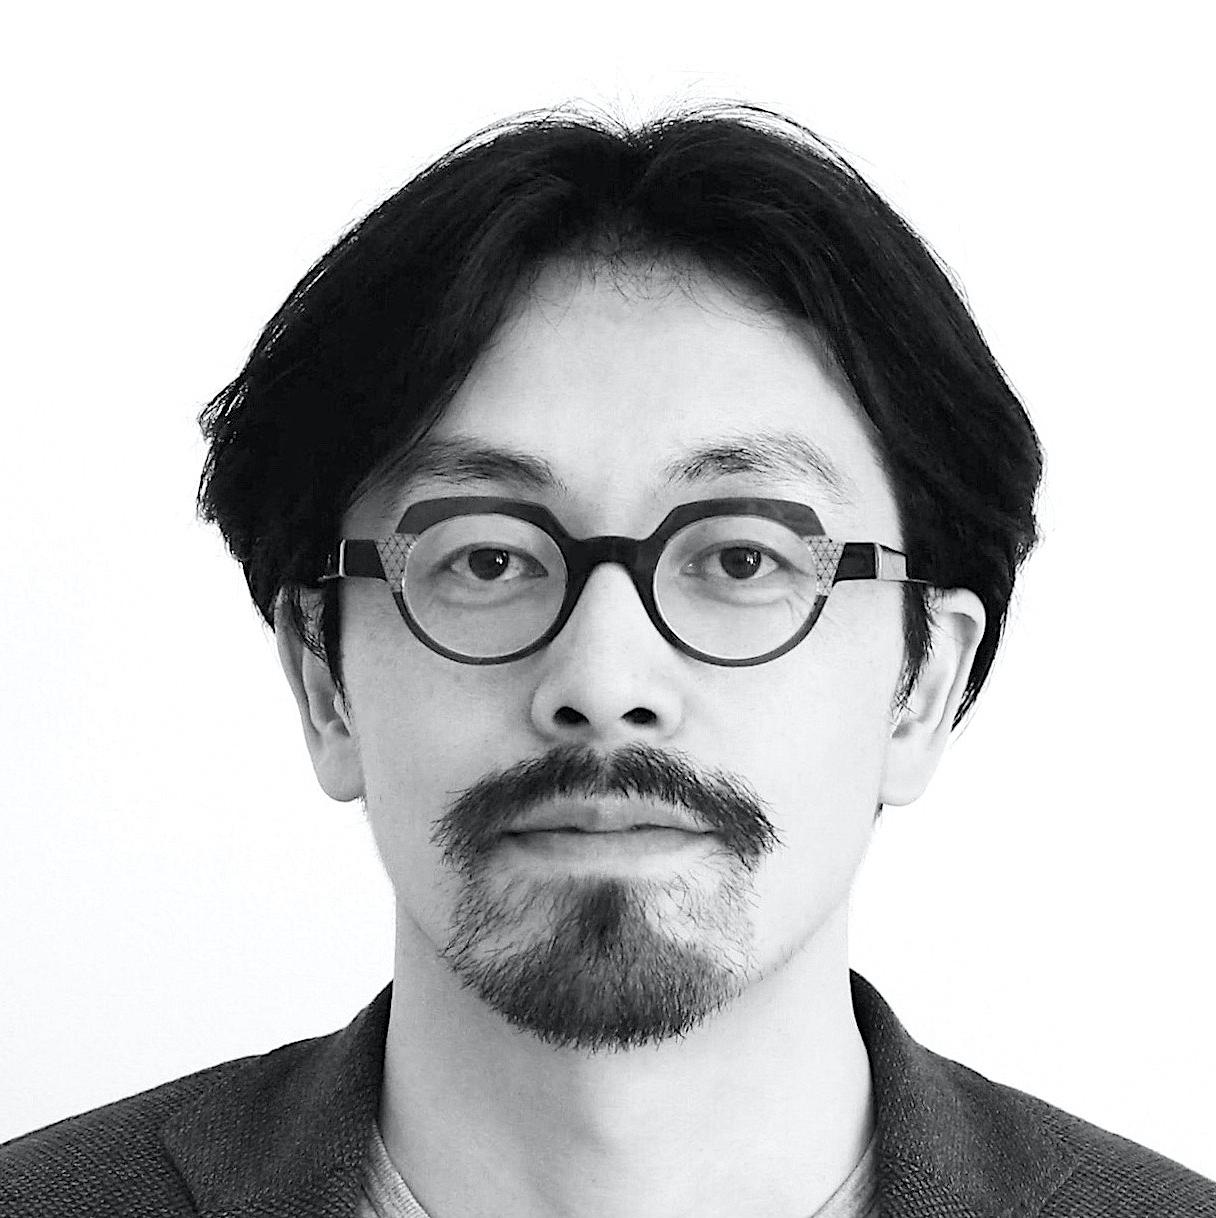 Kurita Satoshi